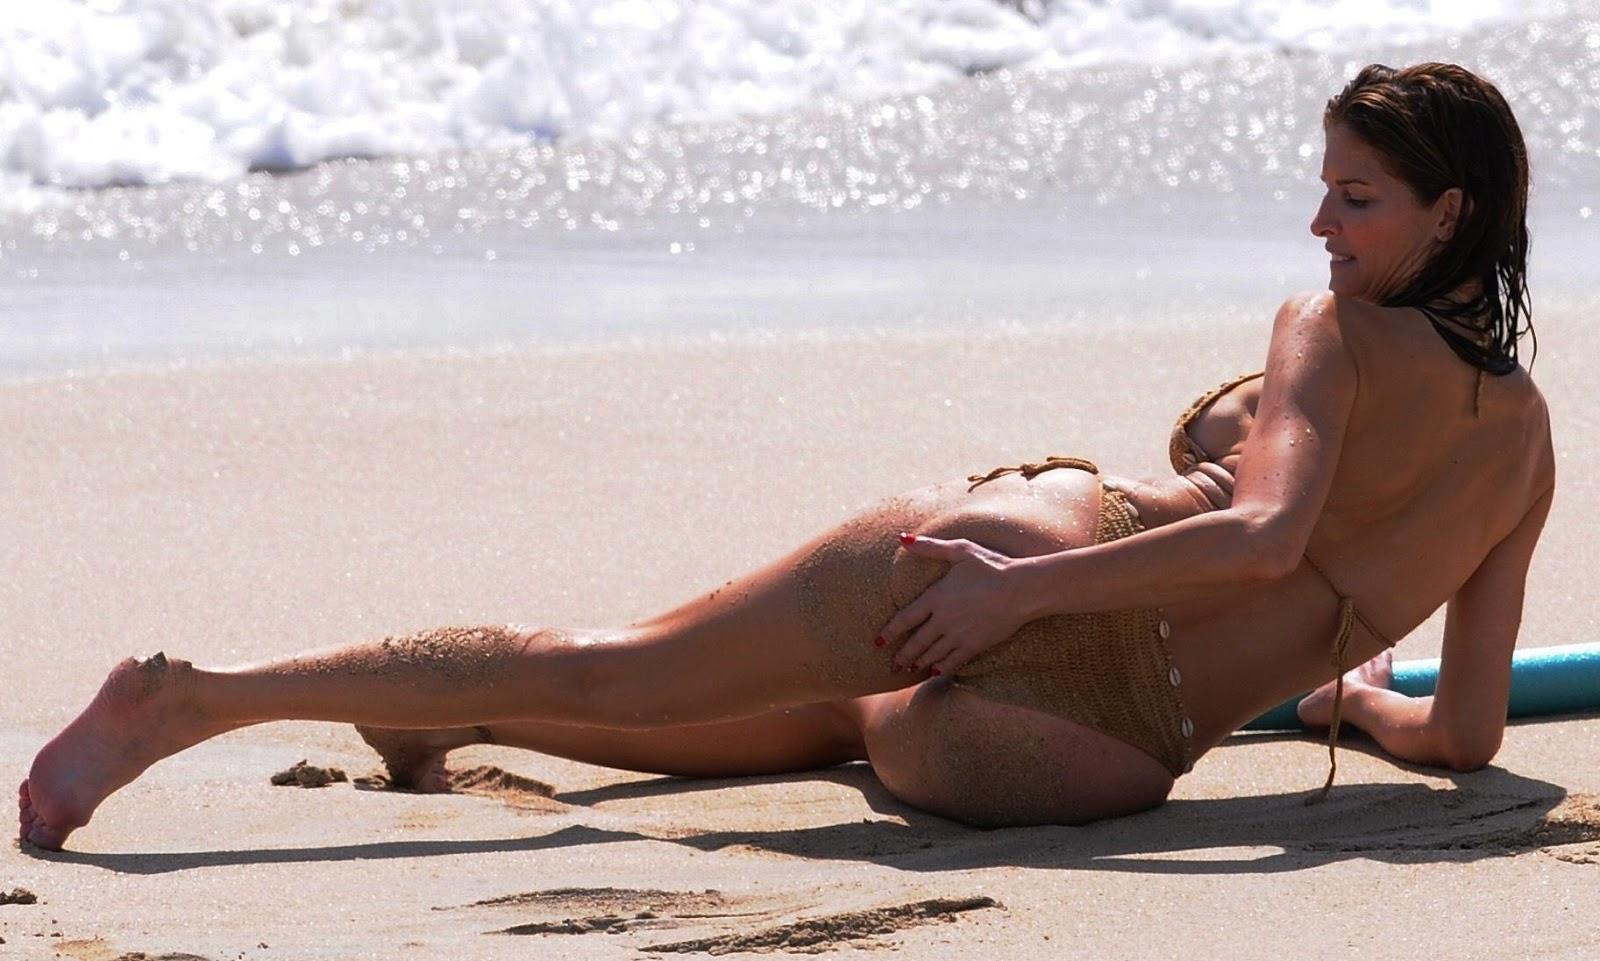 Are not sexy stephanie seymour bikini commit error